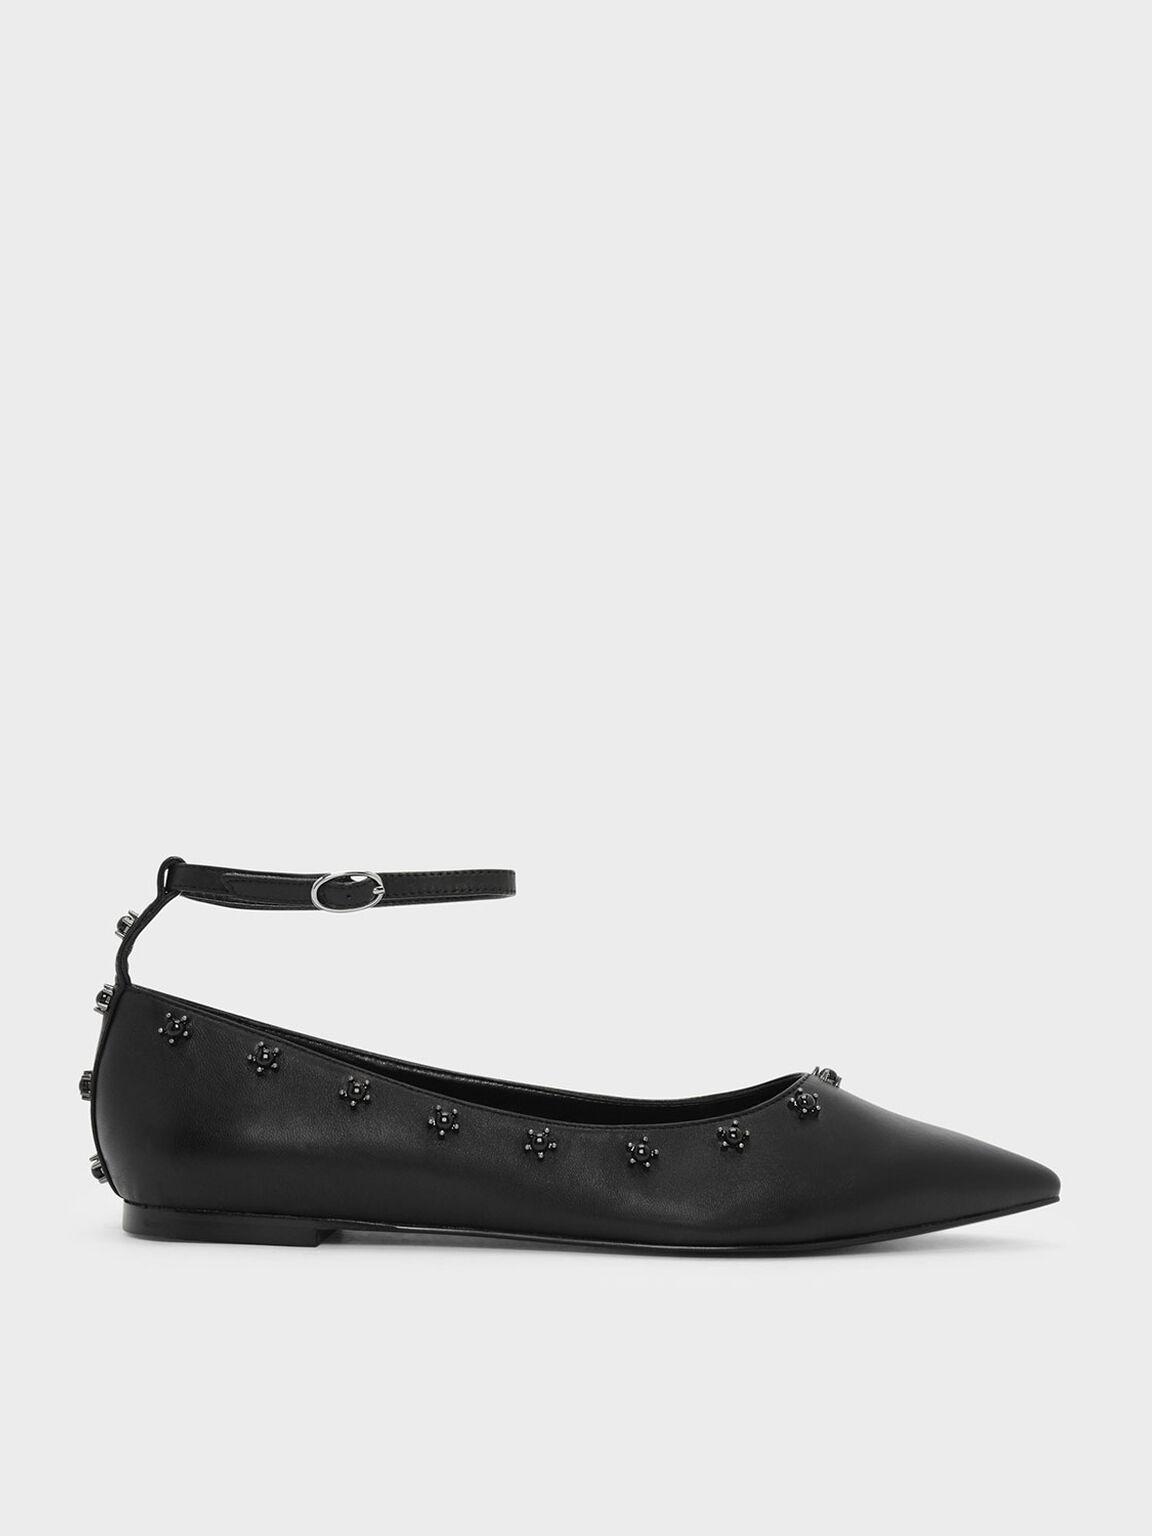 Ankle Strap Embellished Leather Flats, Black, hi-res